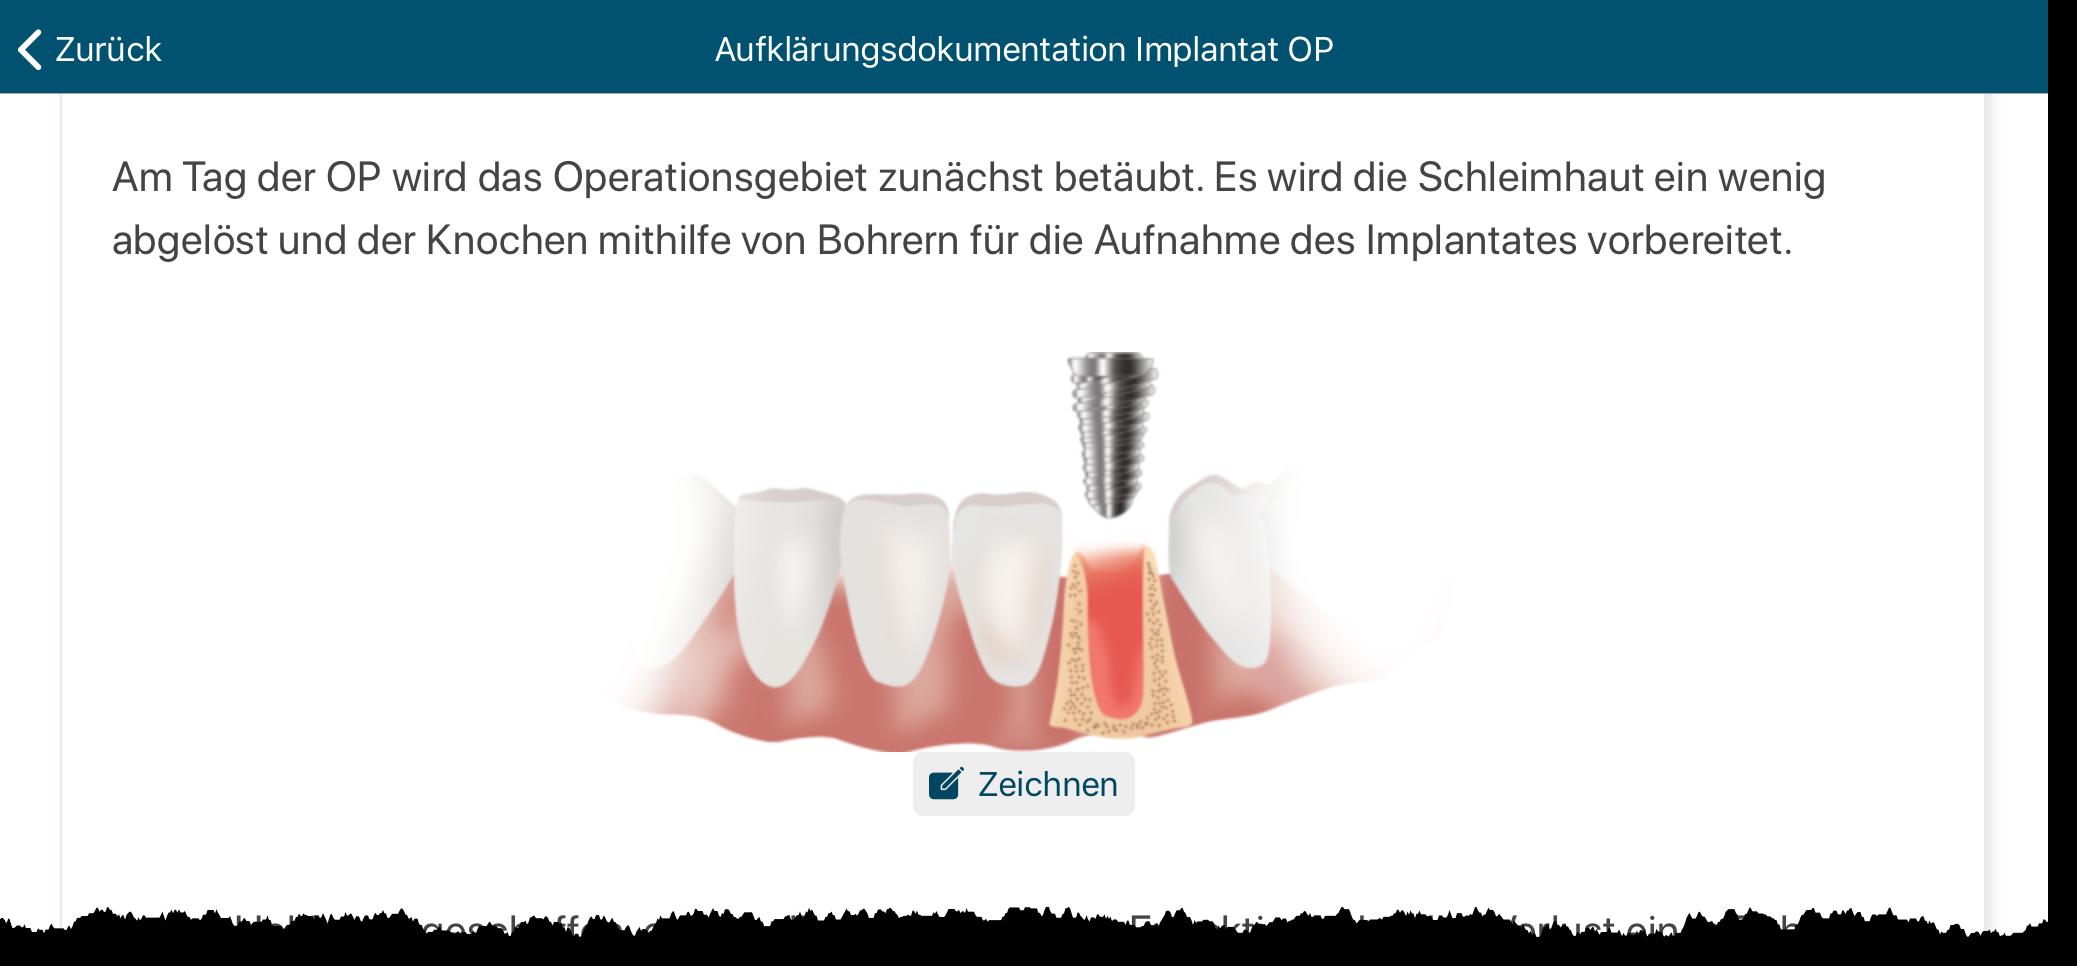 Athena-Aufklaerungsboegen-Implant-OP-Malen